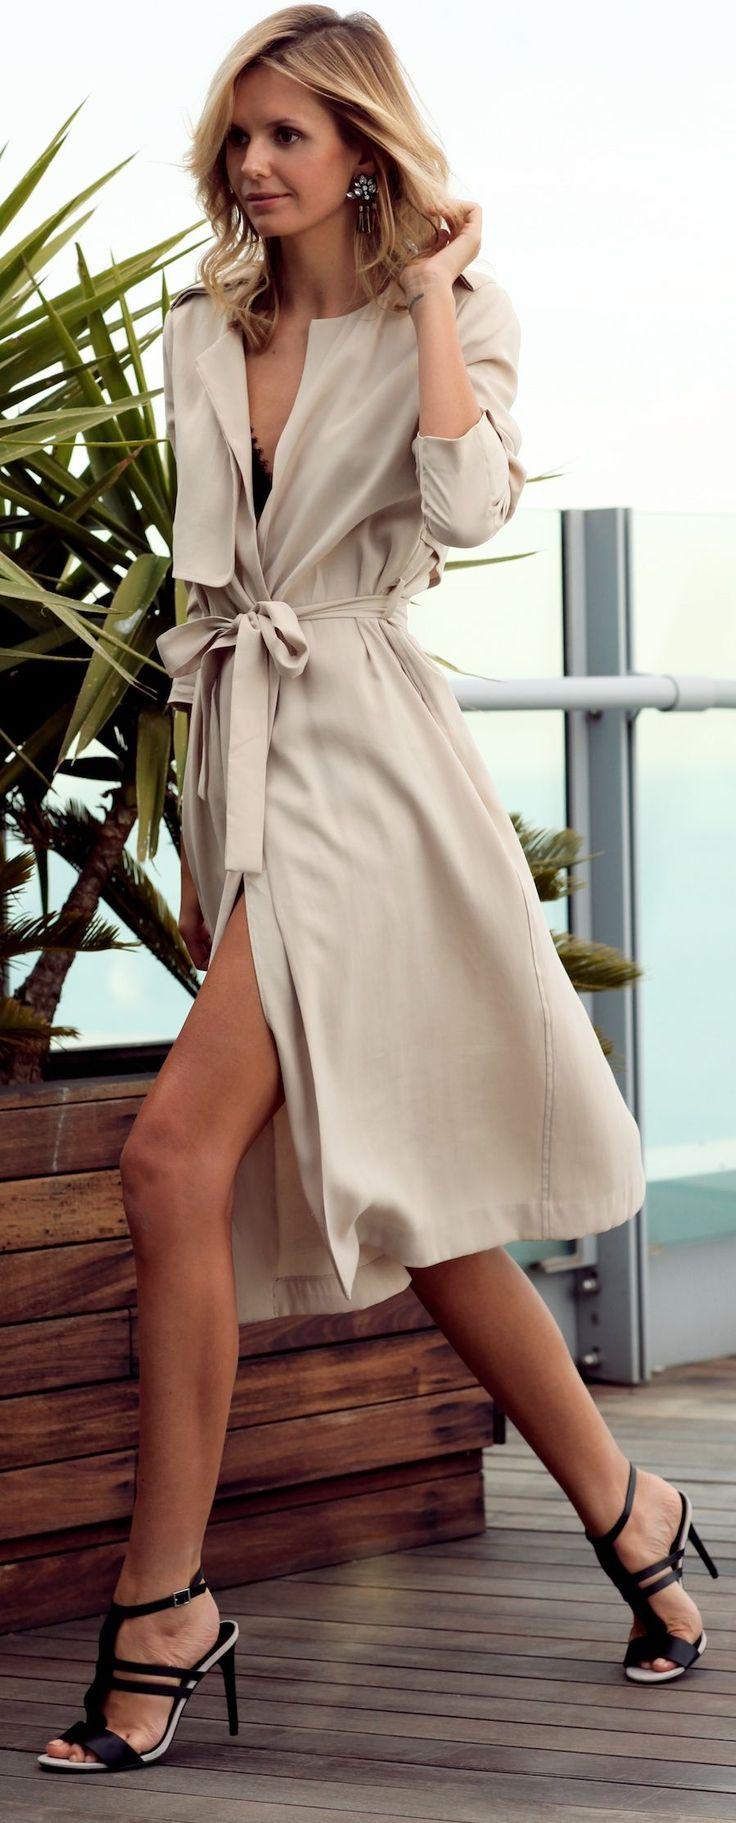 coatdress #10